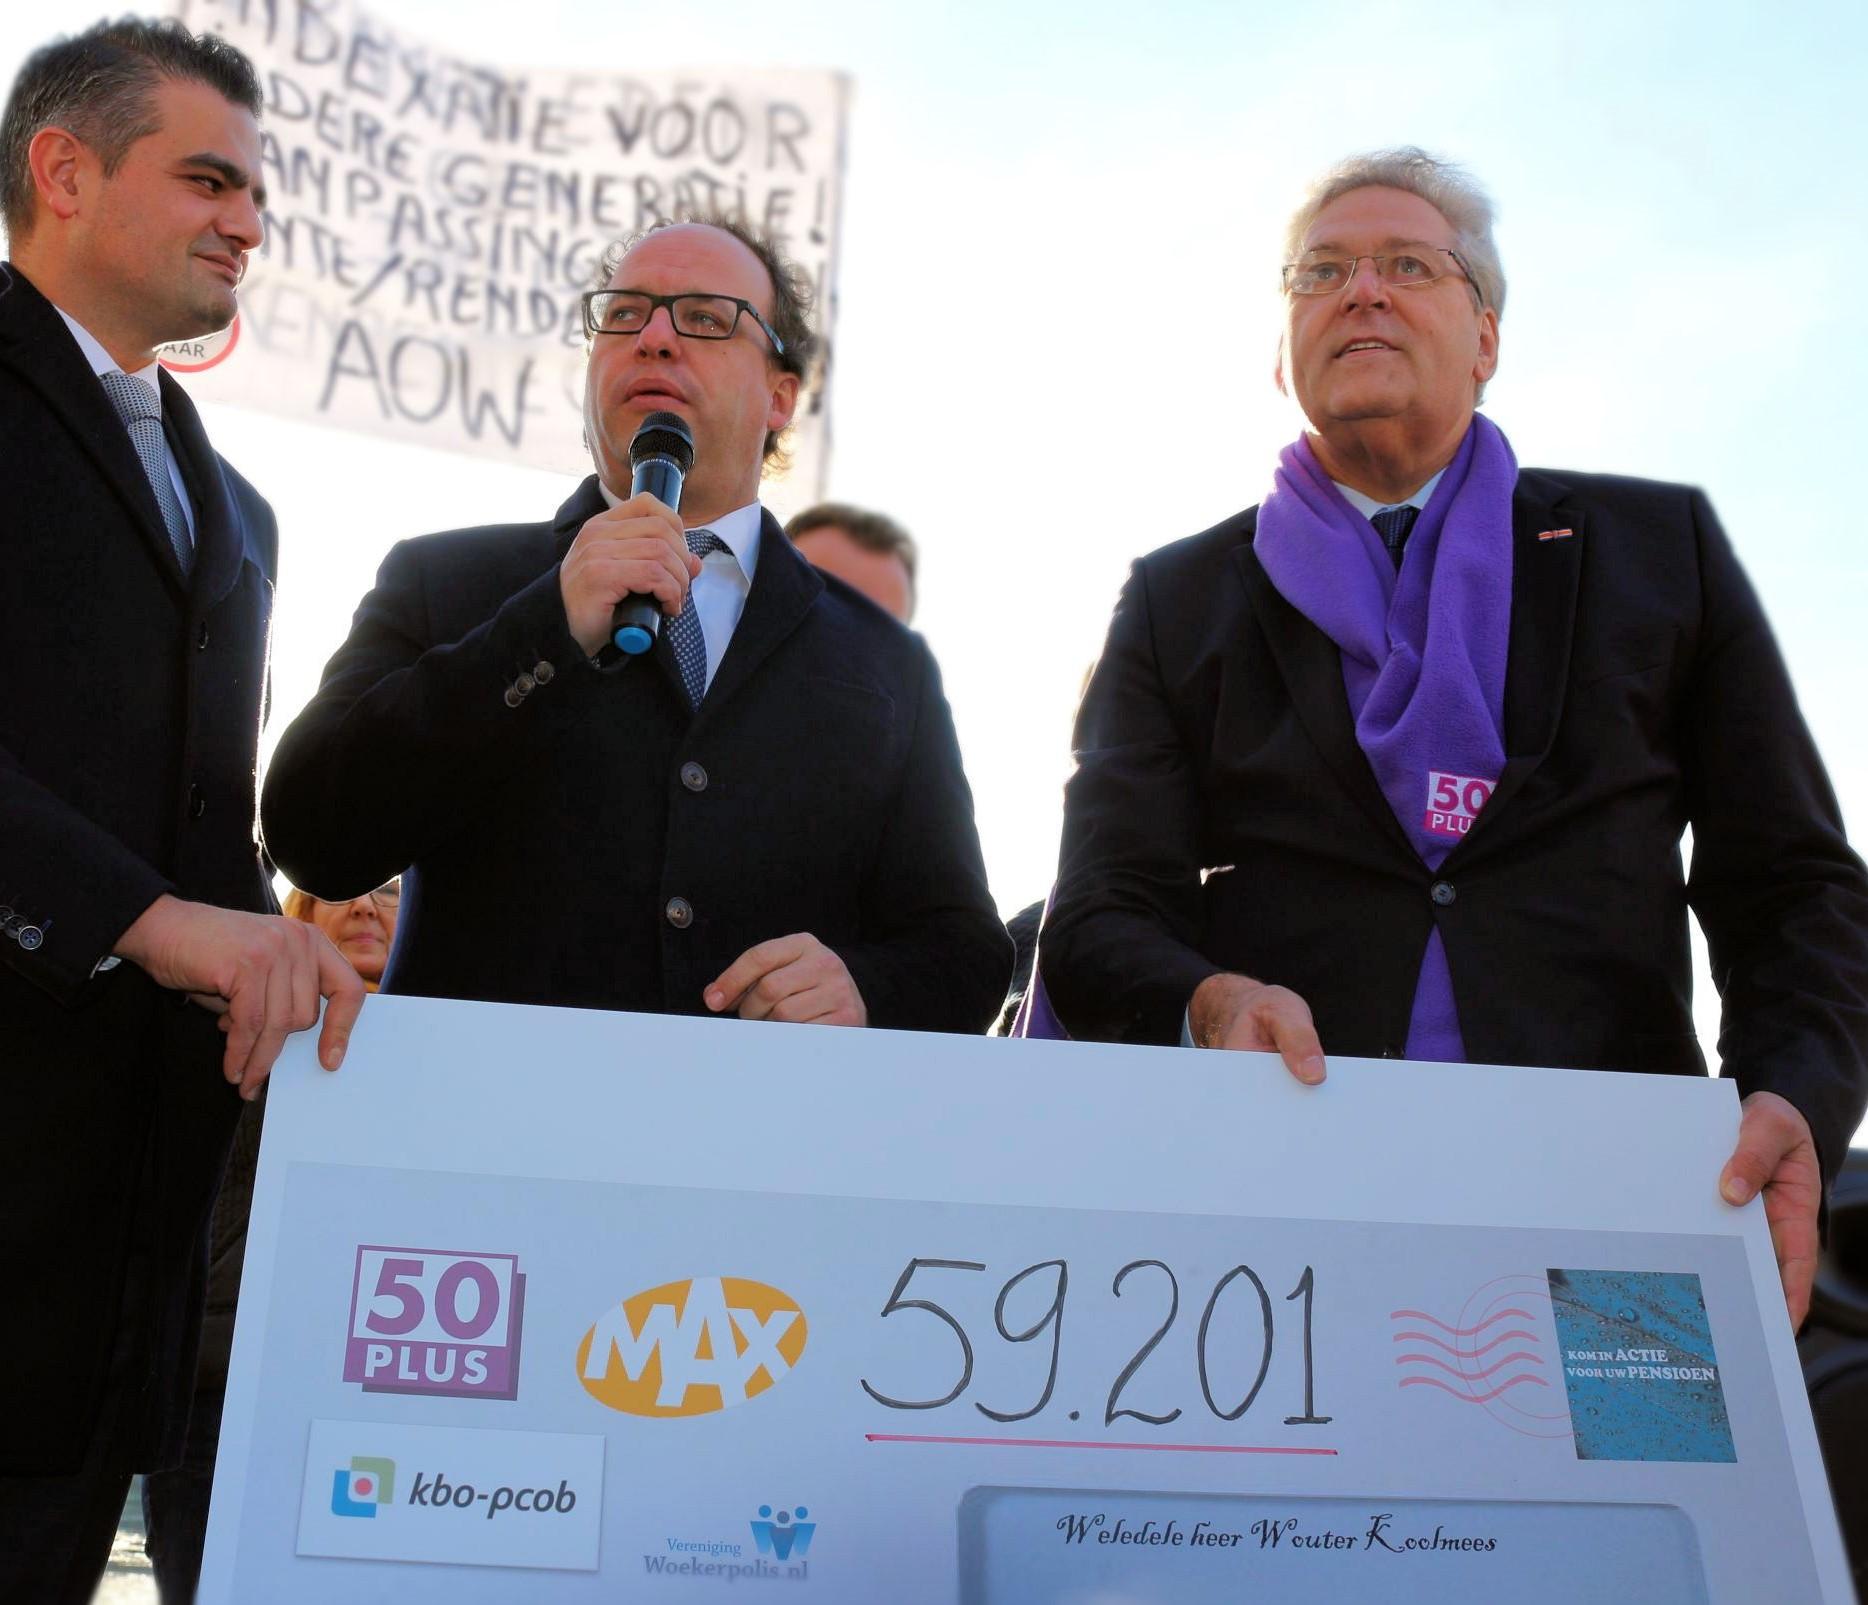 Koolmees Krijgt 59201 Handtekeningen Voor Beter Pensioen